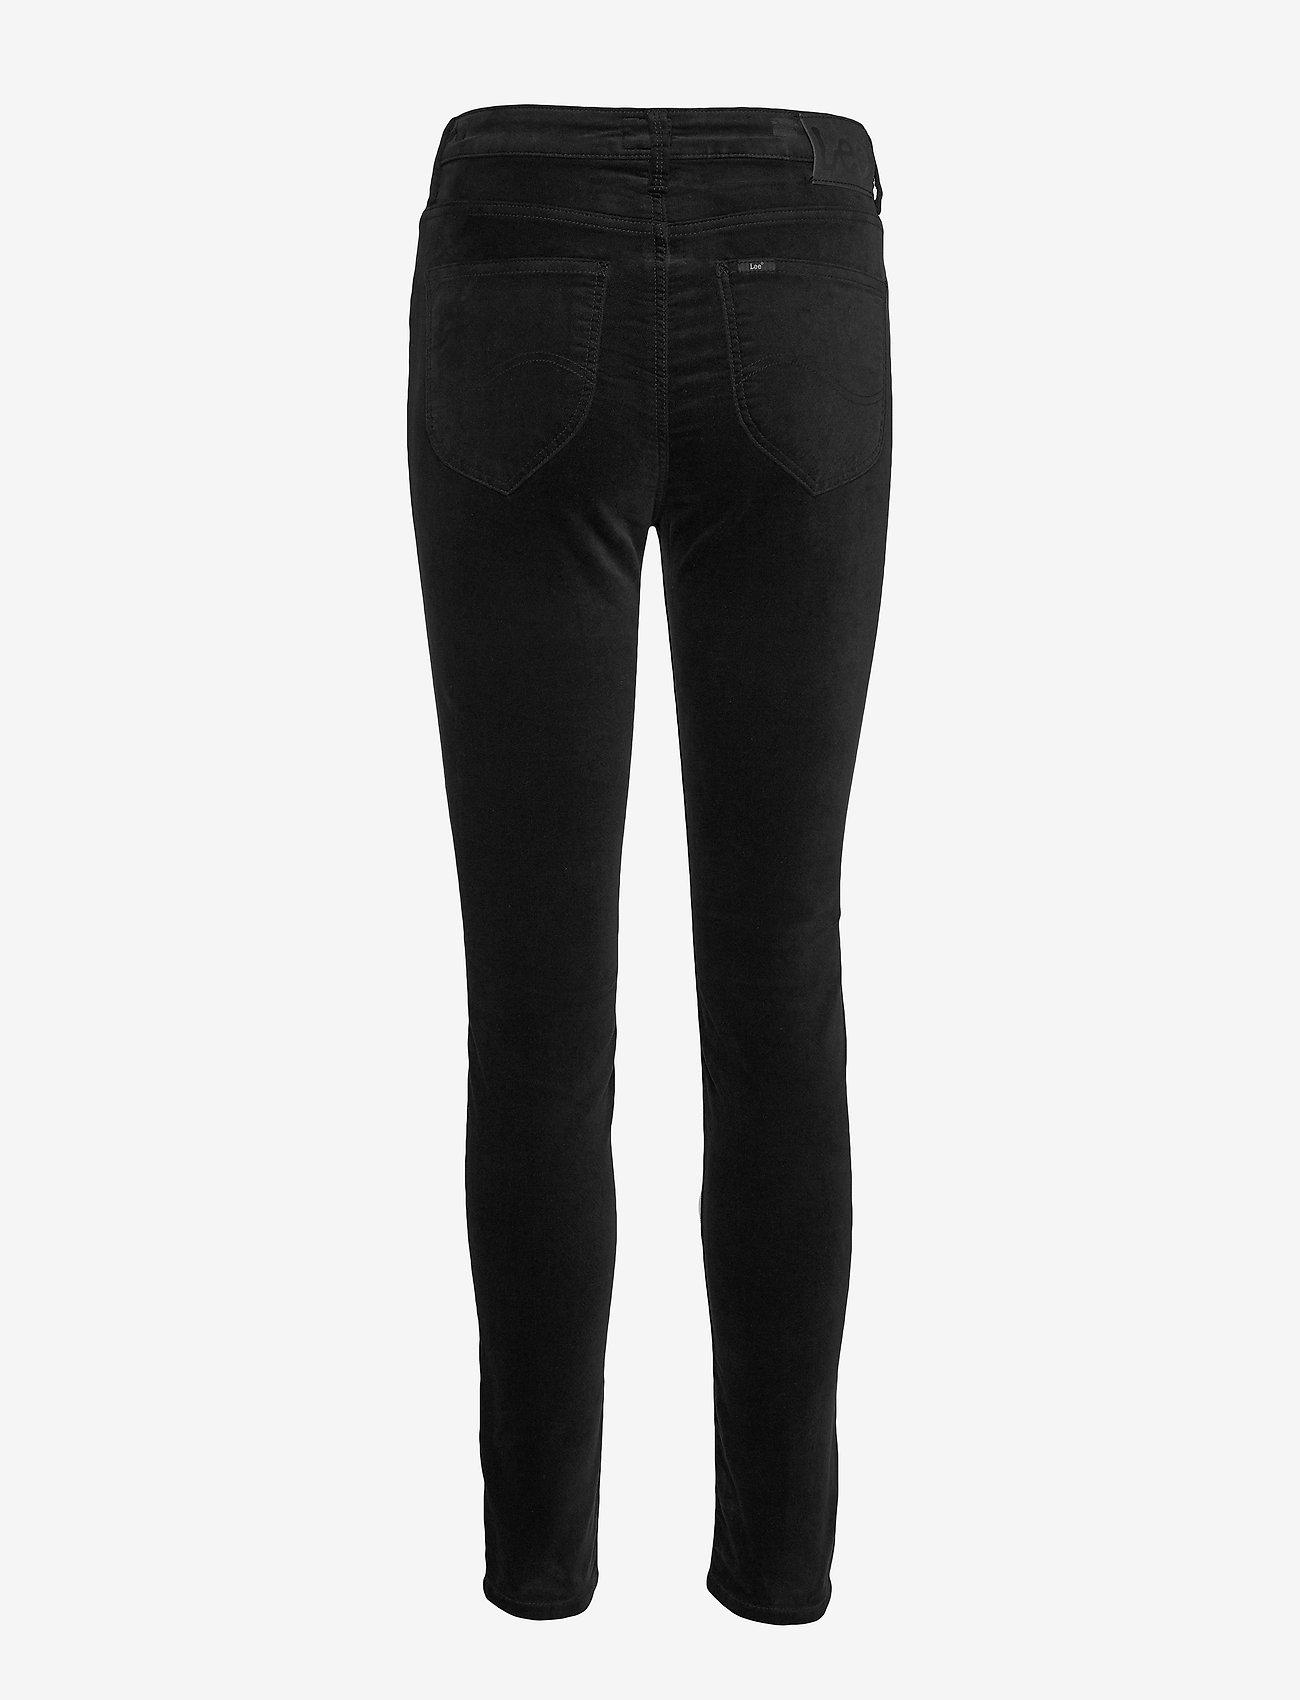 Lee Jeans - SCARLETT HIGH - slim fit bukser - black - 1